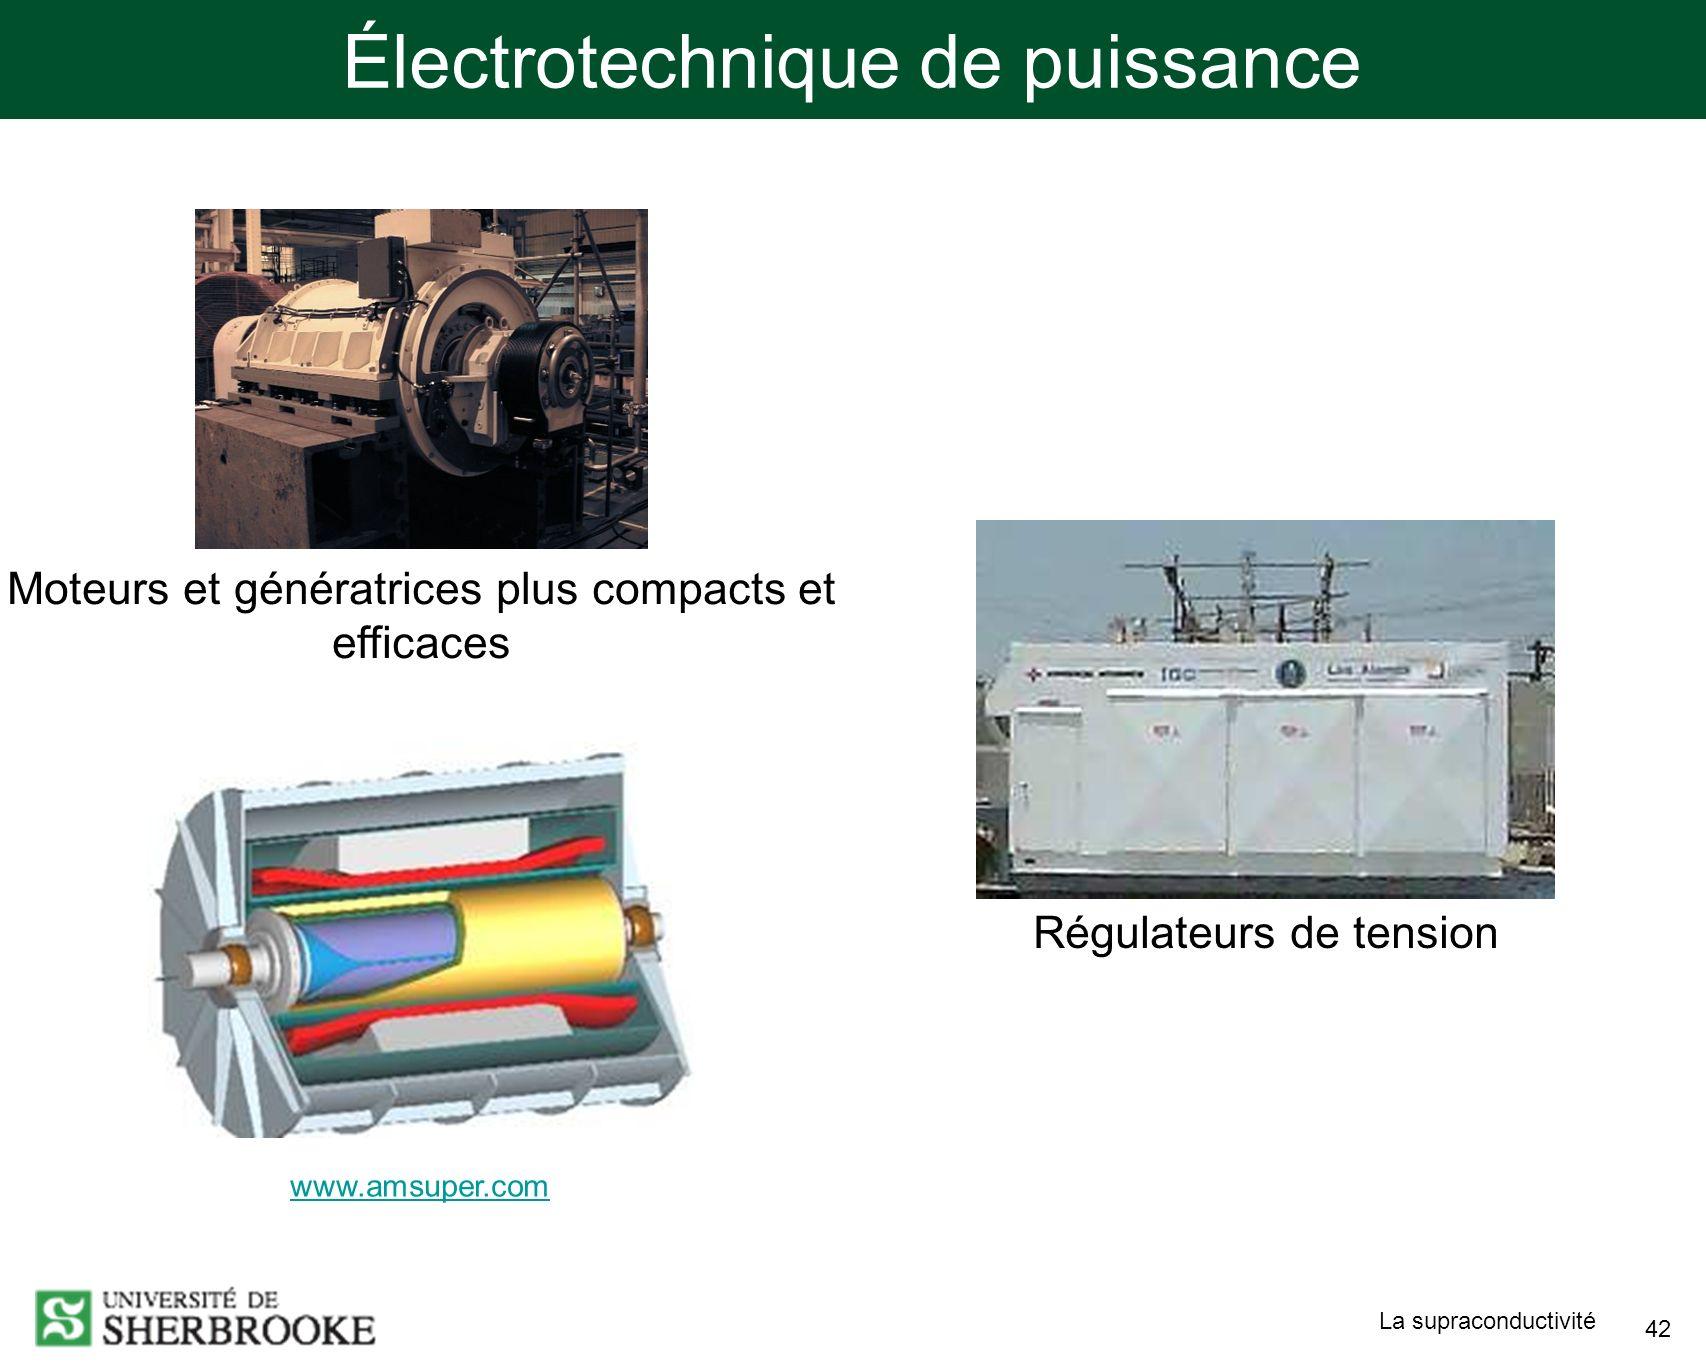 Électrotechnique de puissance